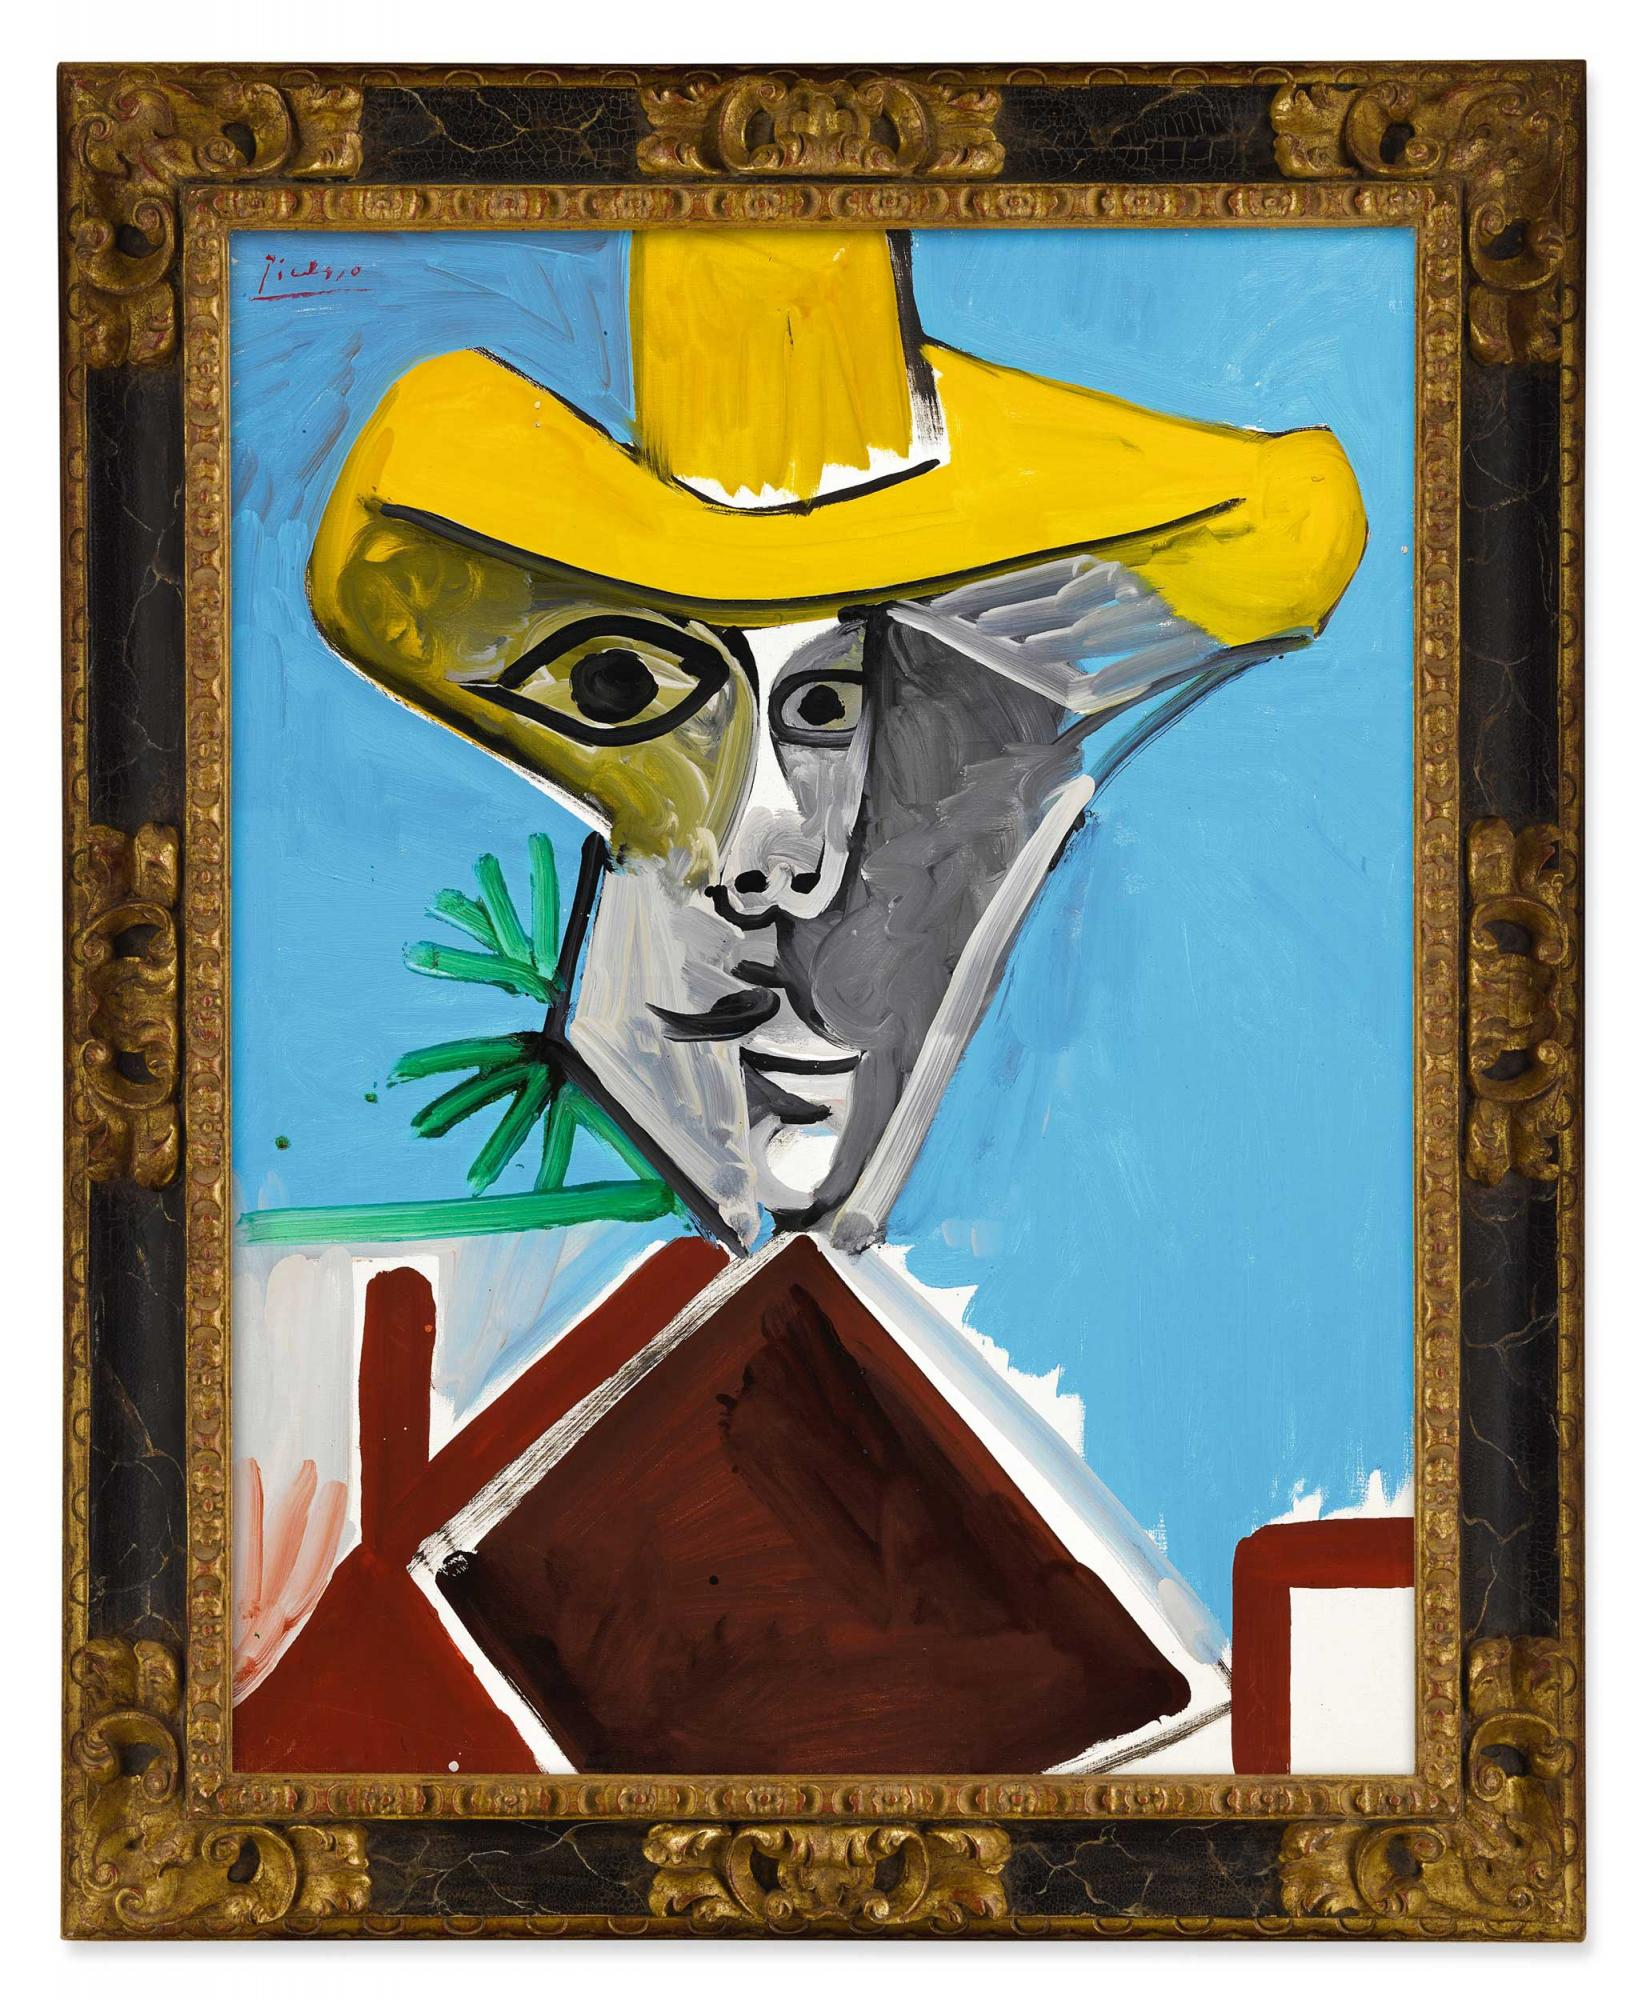 巴布羅・畢卡索(Pablo Picasso)《男子半身像》 1969年作,油畫畫布,116 x 89 公分 估價:93,000,000 - 143,000,000港元